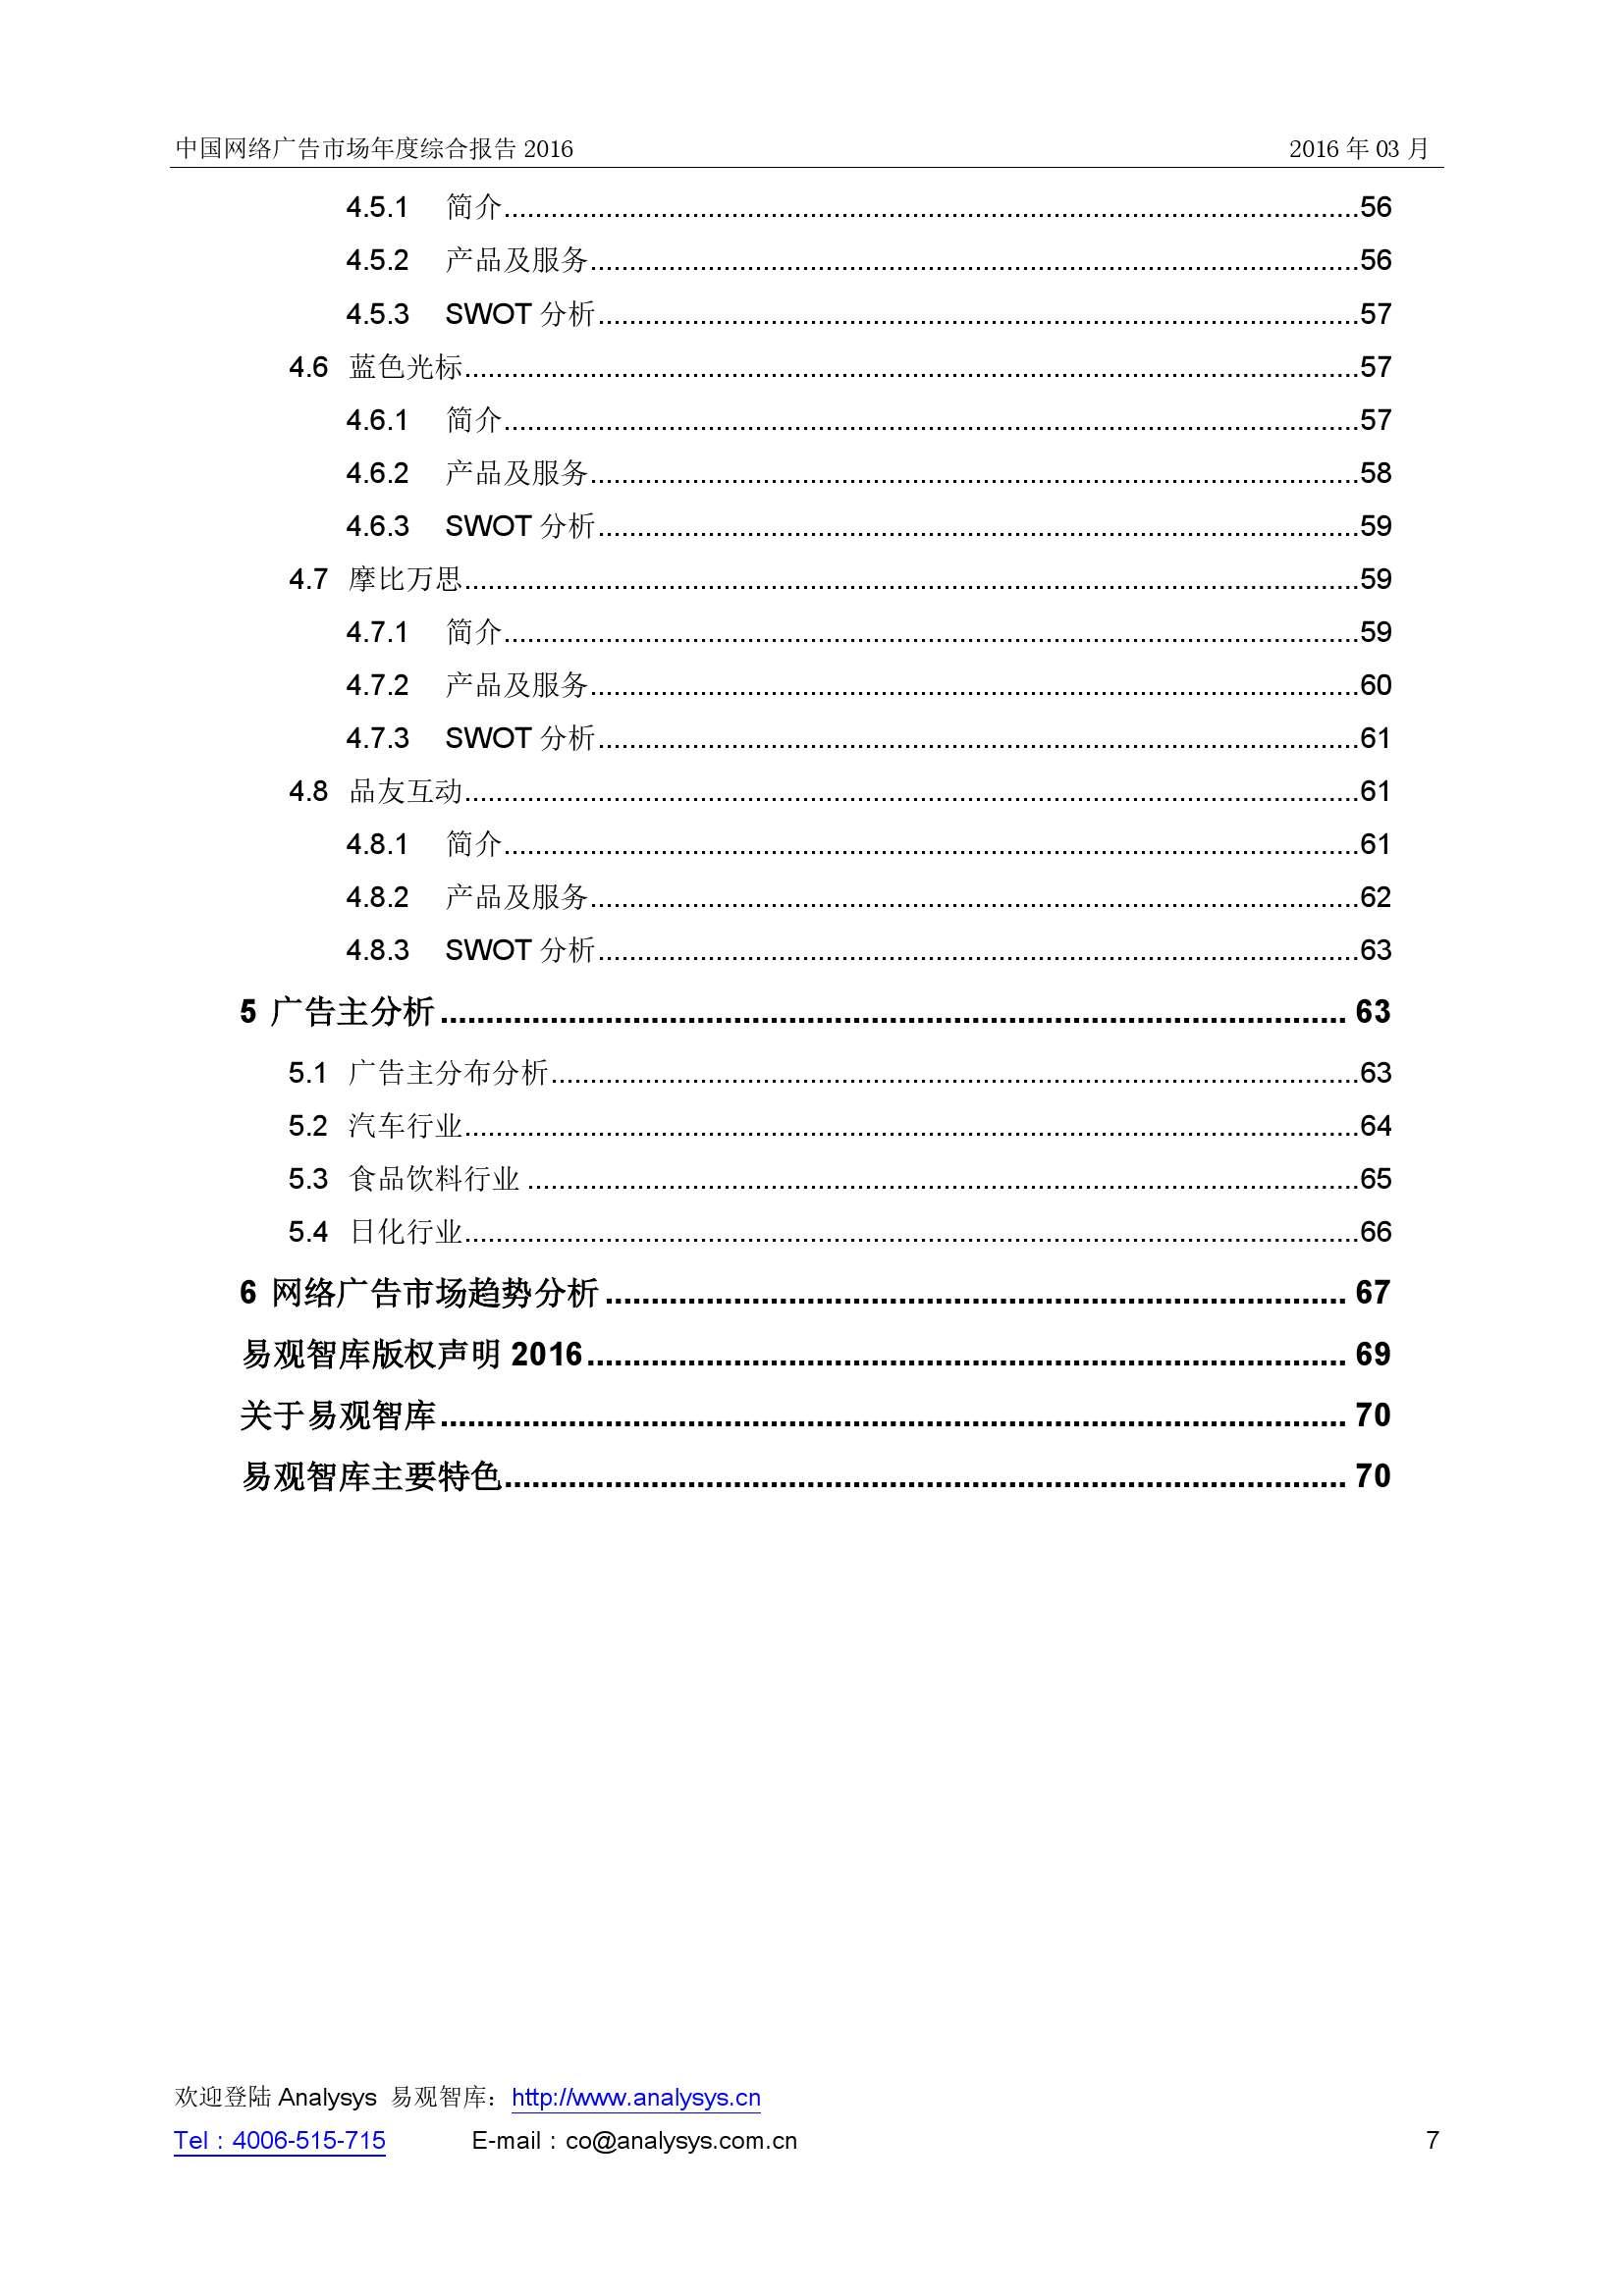 中国网络广告市场年度综合报告2016_000007